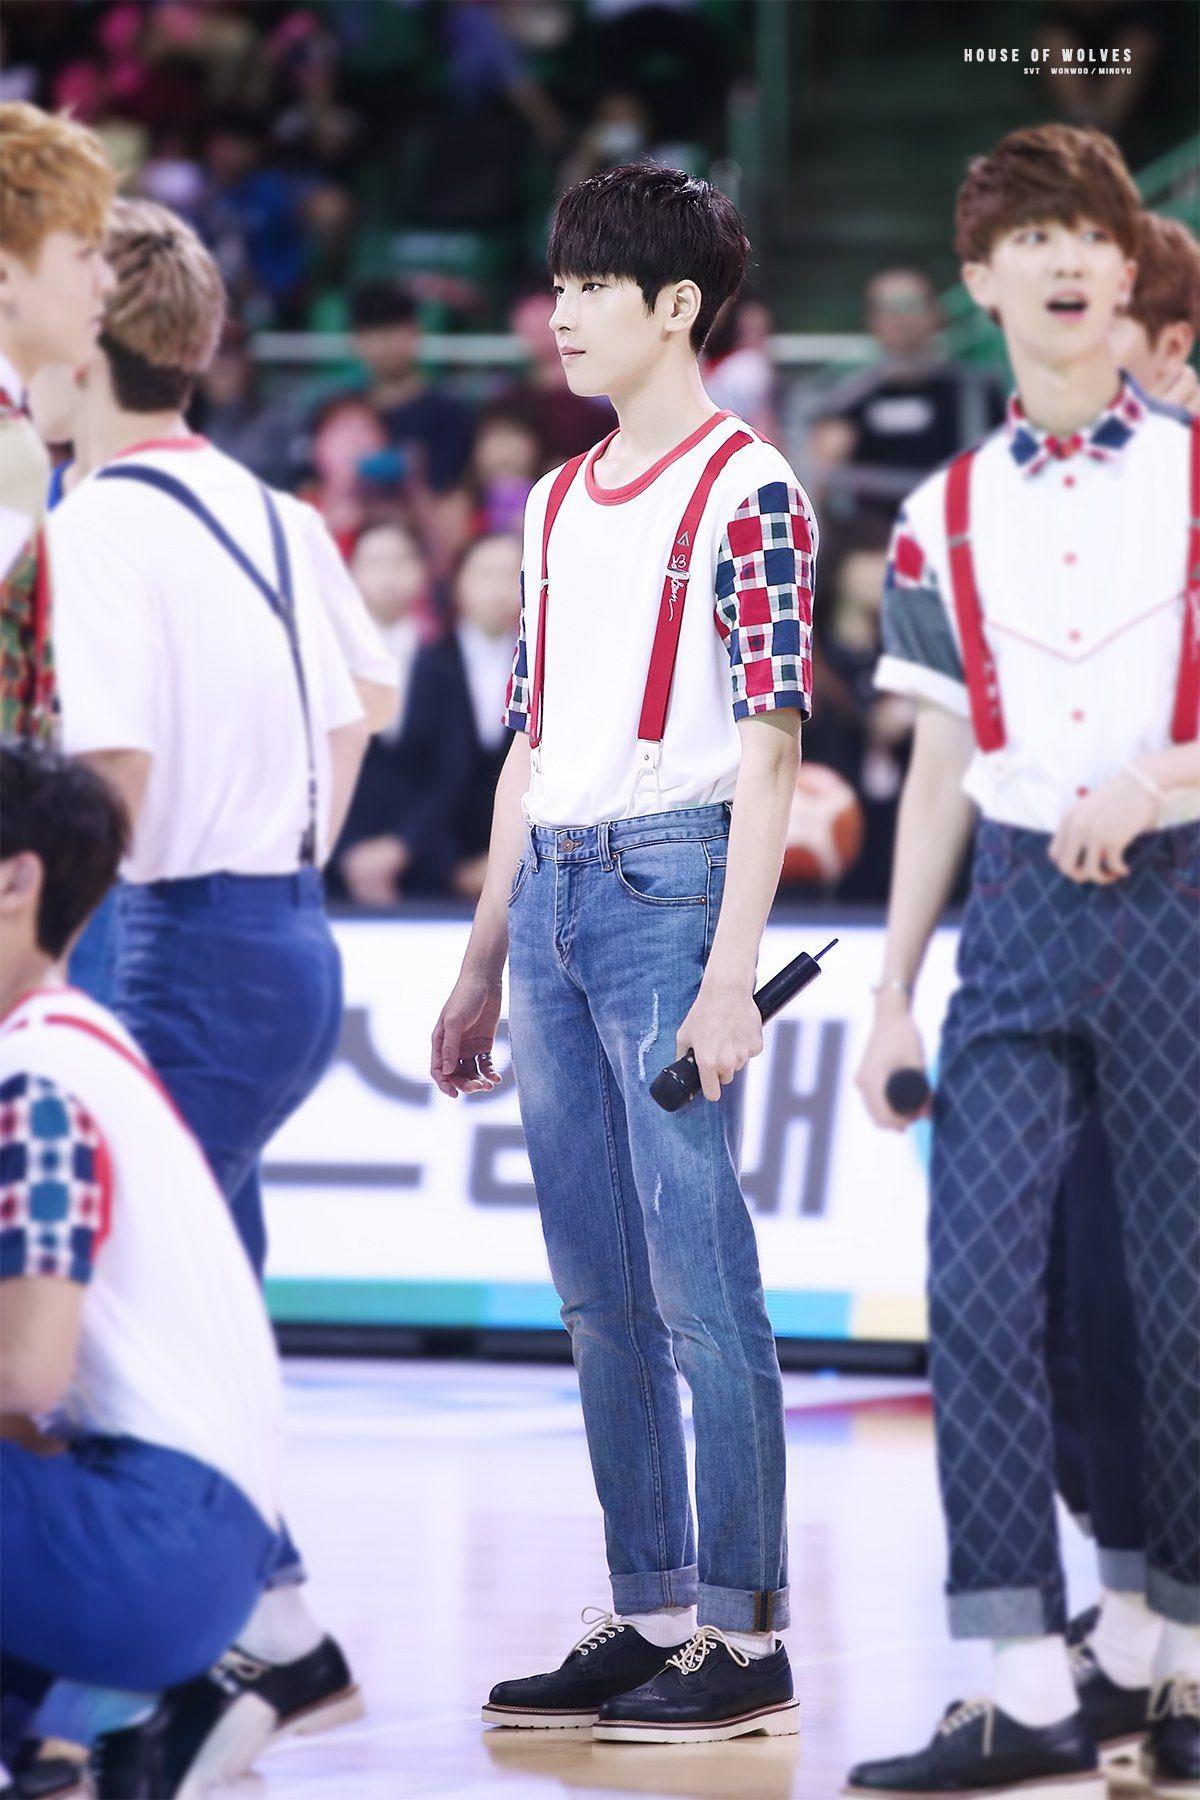 Чон Вон У 전원우 Jeon Won Woo День рождения: 17.07.1996 SEVENTEEN 세븐틴 - подгруппа: рэп